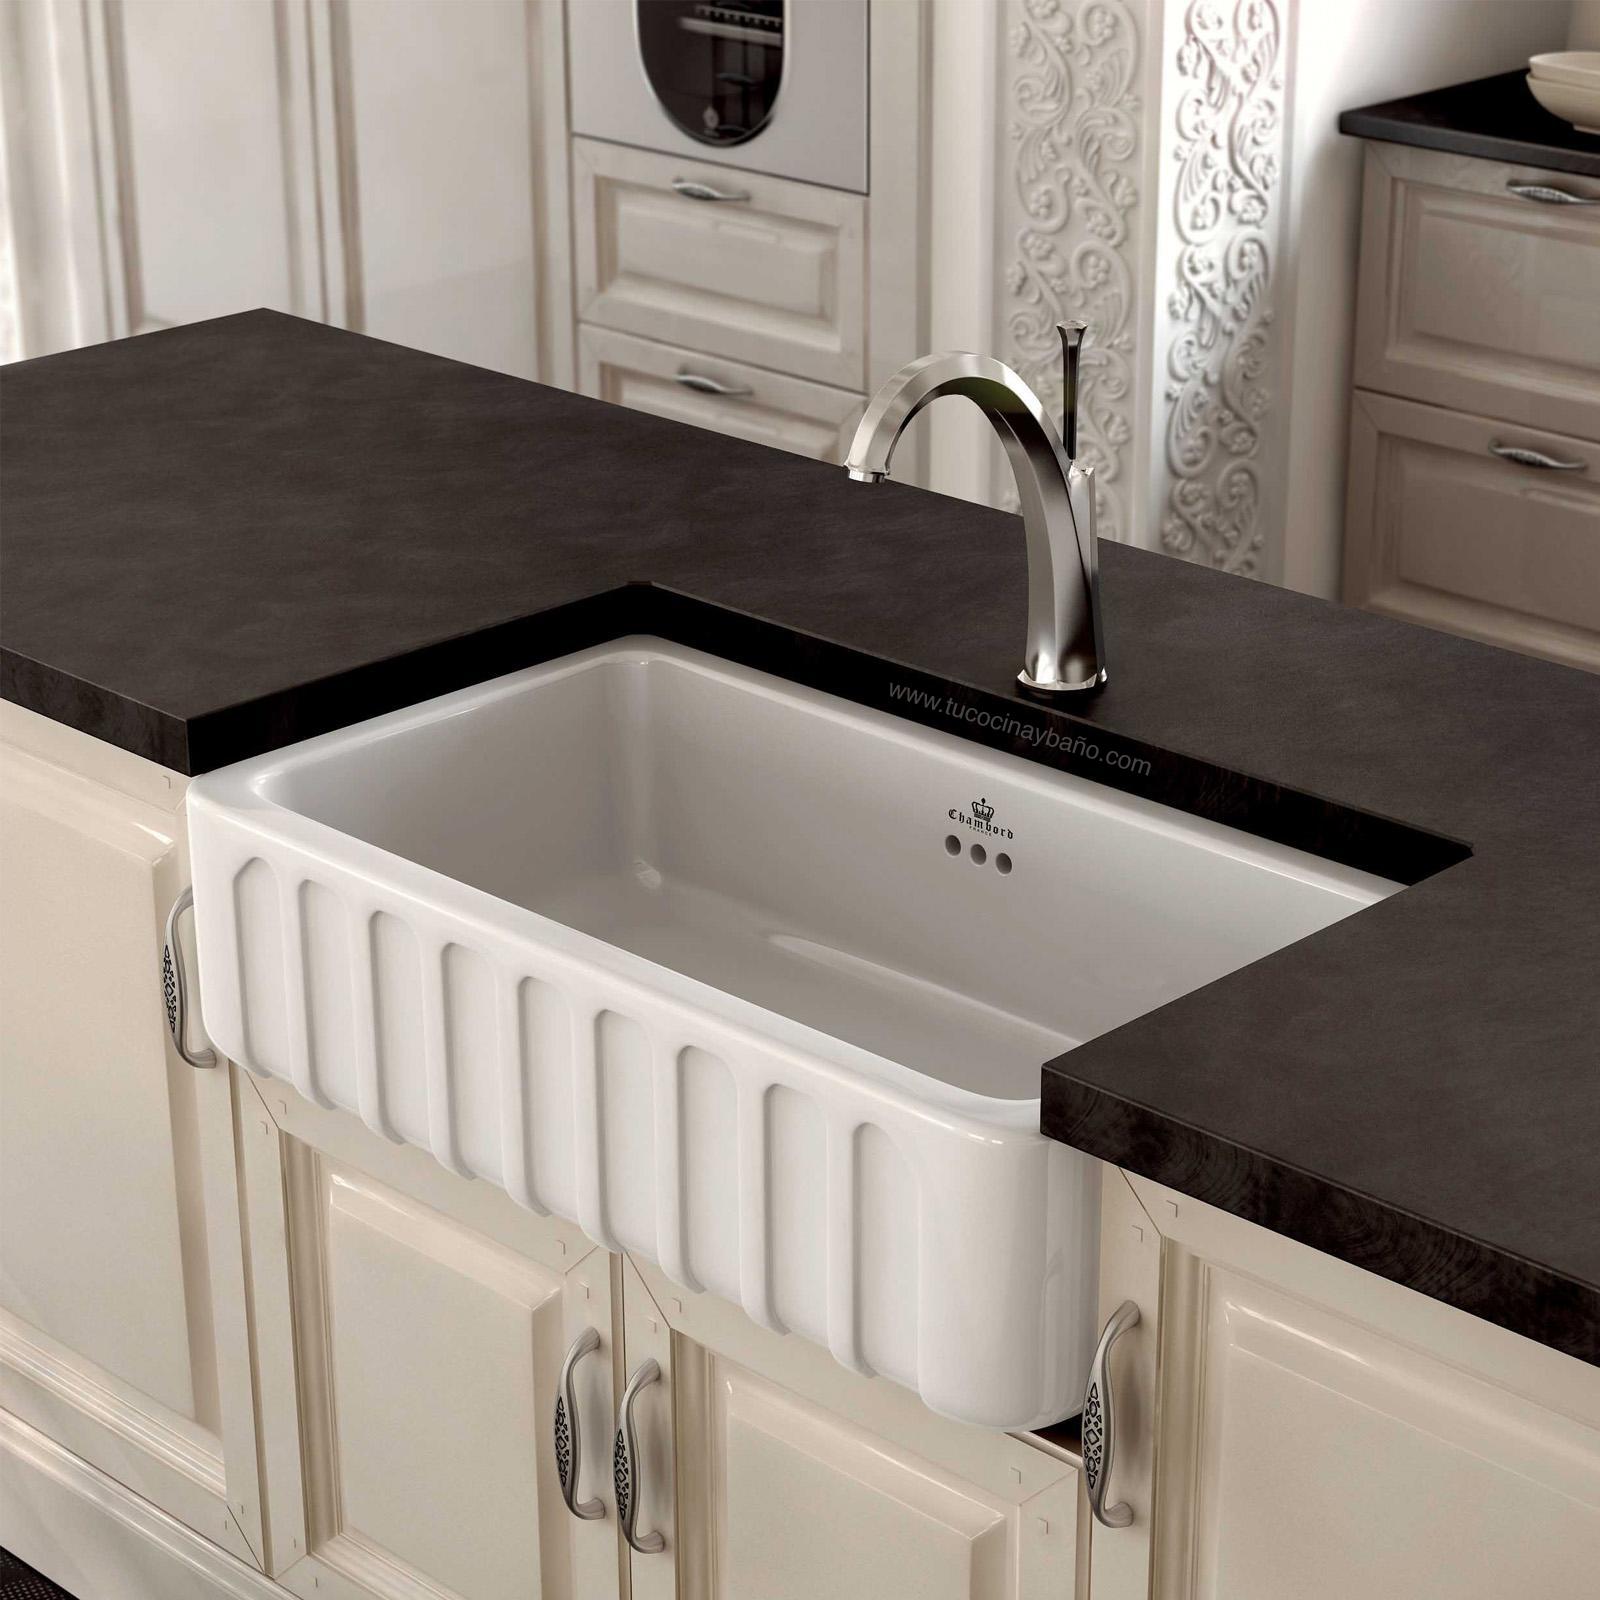 Fregadero ceramico luis segundo tu cocina y ba o - Precios de fregaderos ...